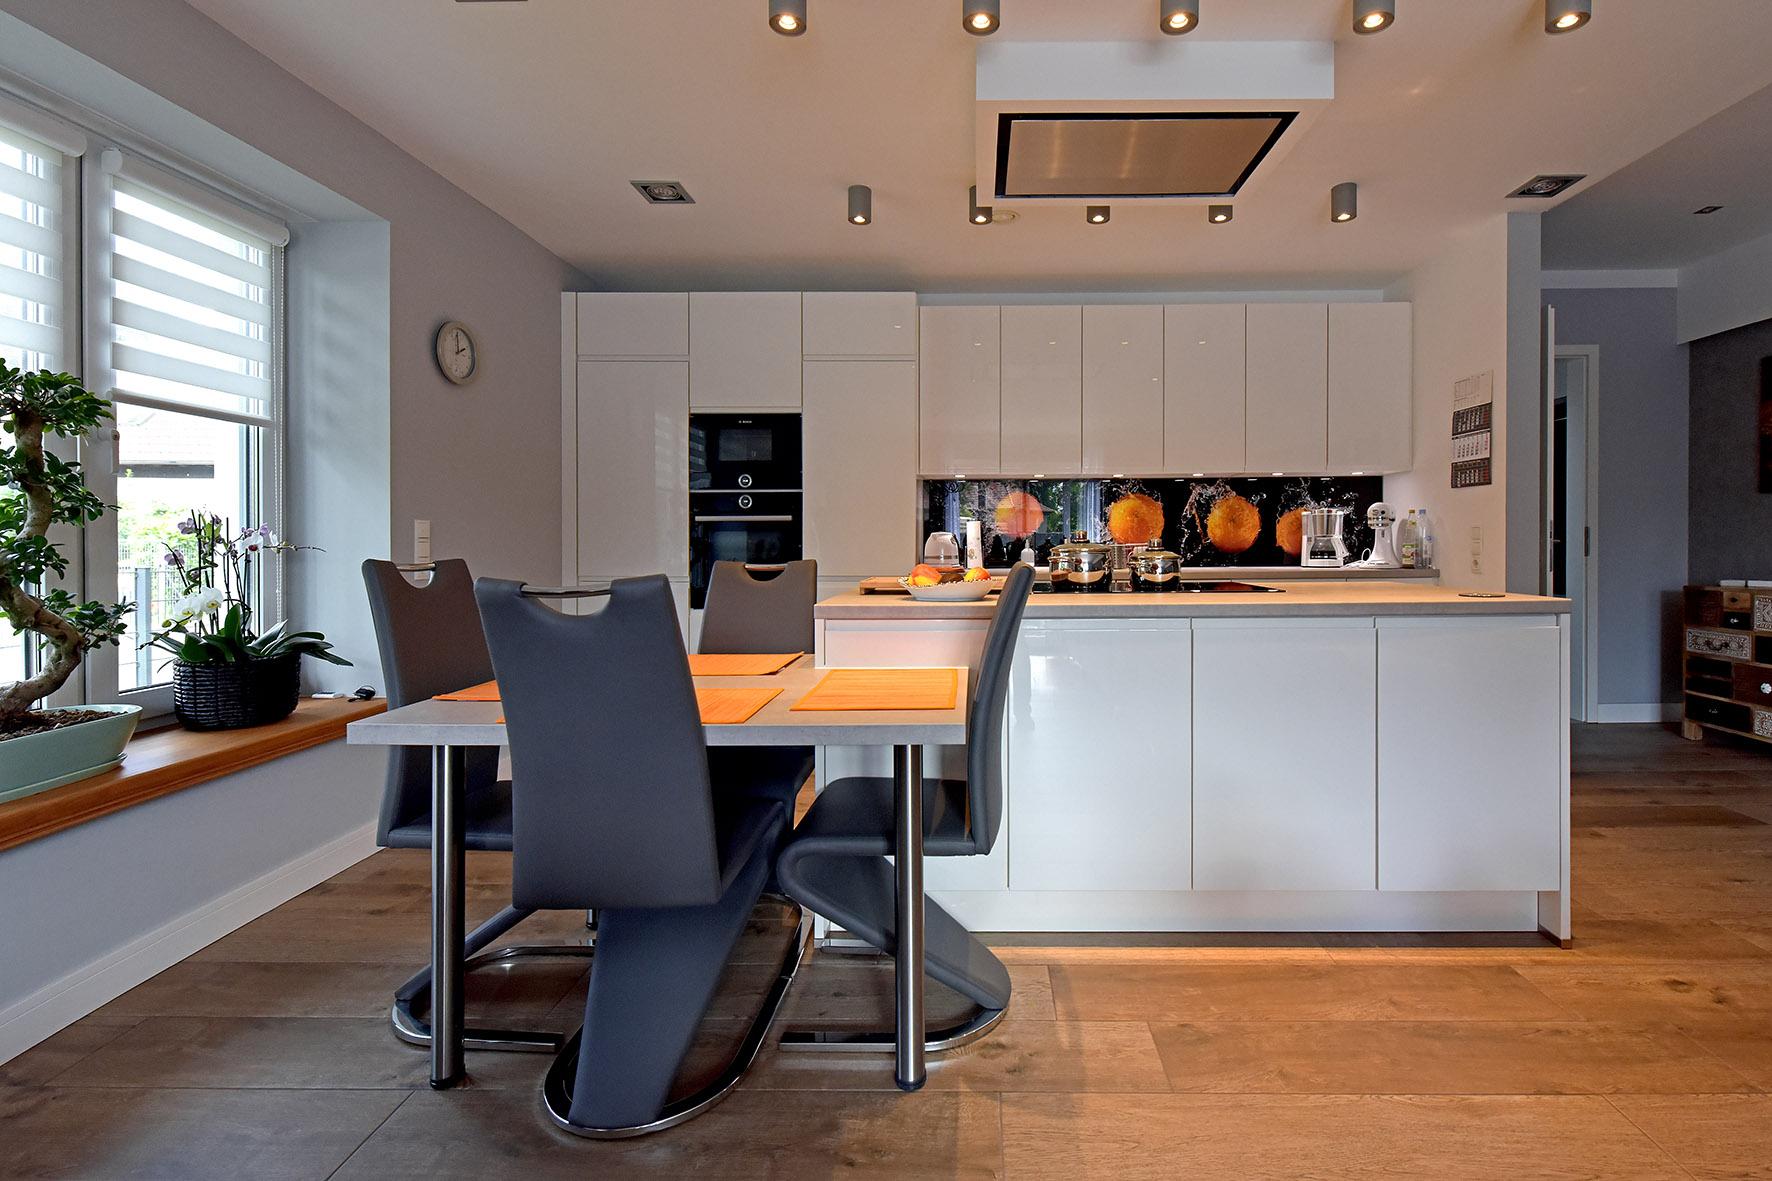 Küche offen mit Sitzfenster.jpg